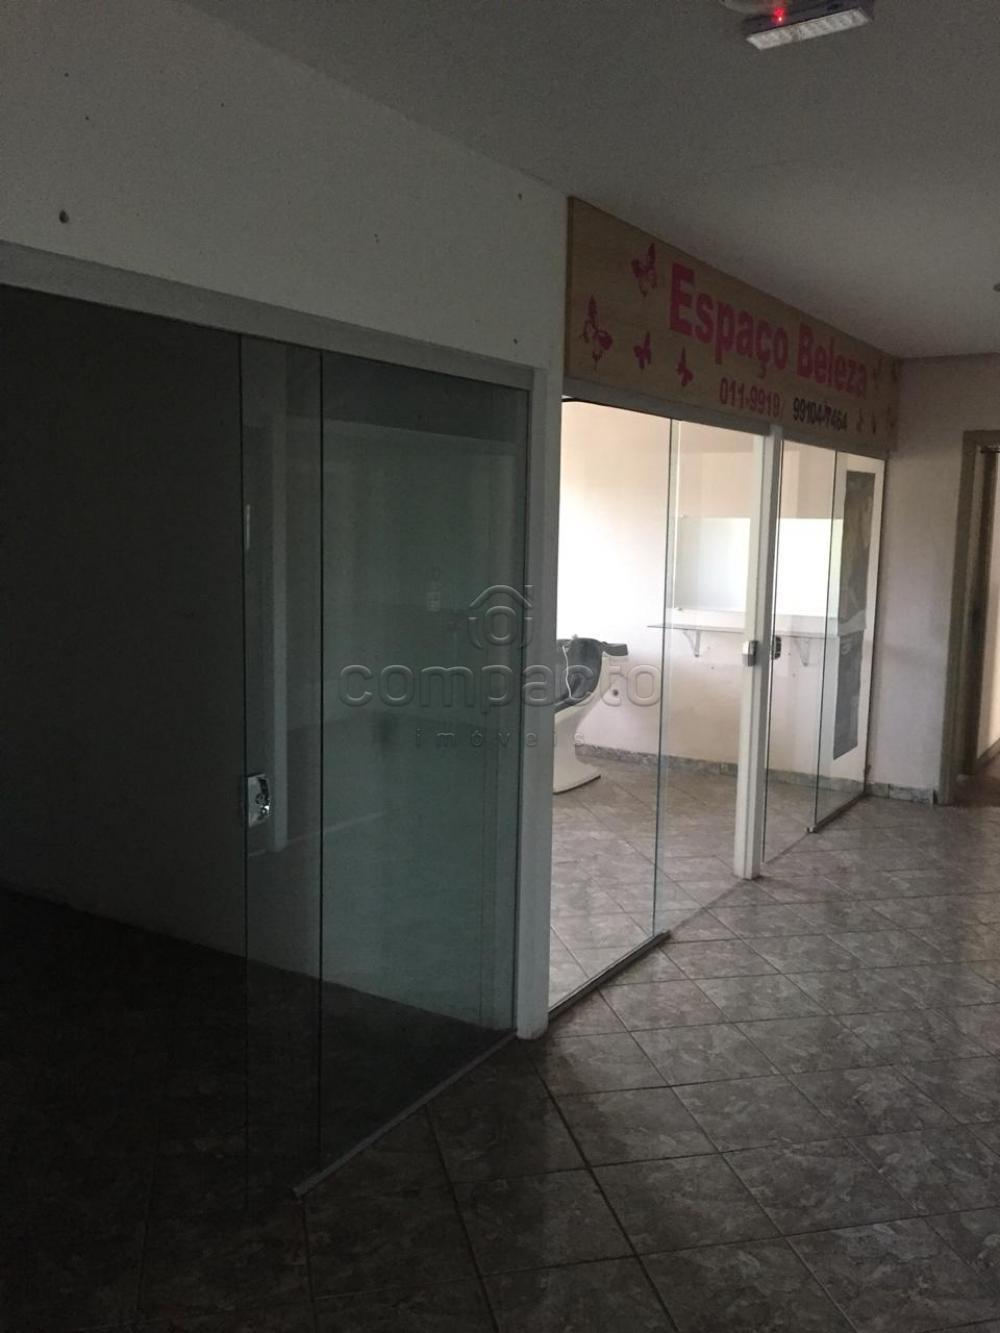 Alugar Comercial / Prédio em São José do Rio Preto apenas R$ 20.000,00 - Foto 18